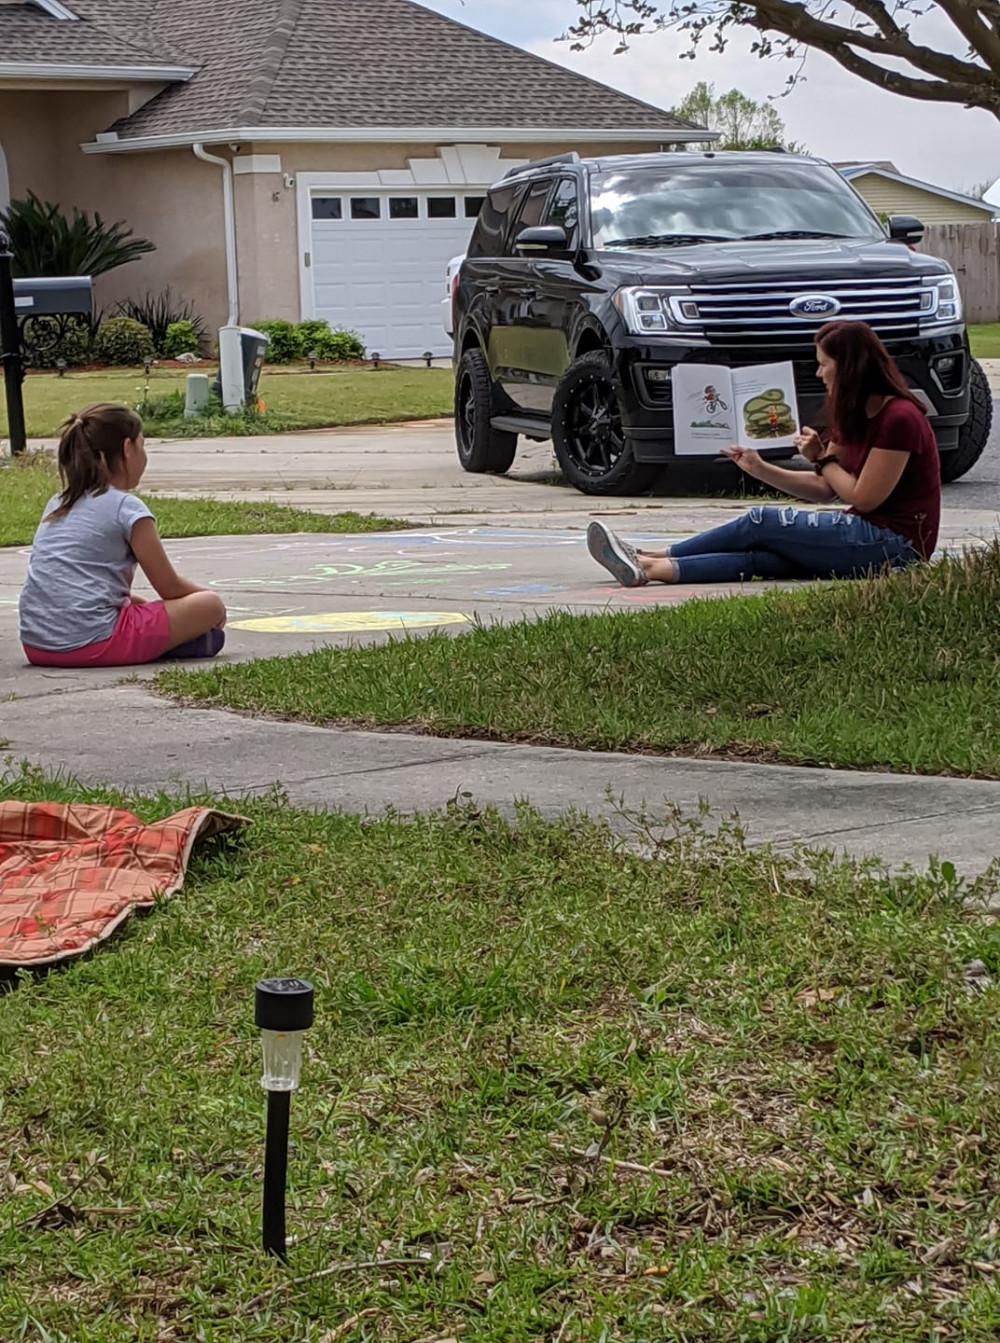 Hàng ngày, cô Katie đều lái xe đến nhà cô học trò nhỏ bị trầm cảm để hướng dẫn em vượt qua giai đoạn khó khăn này